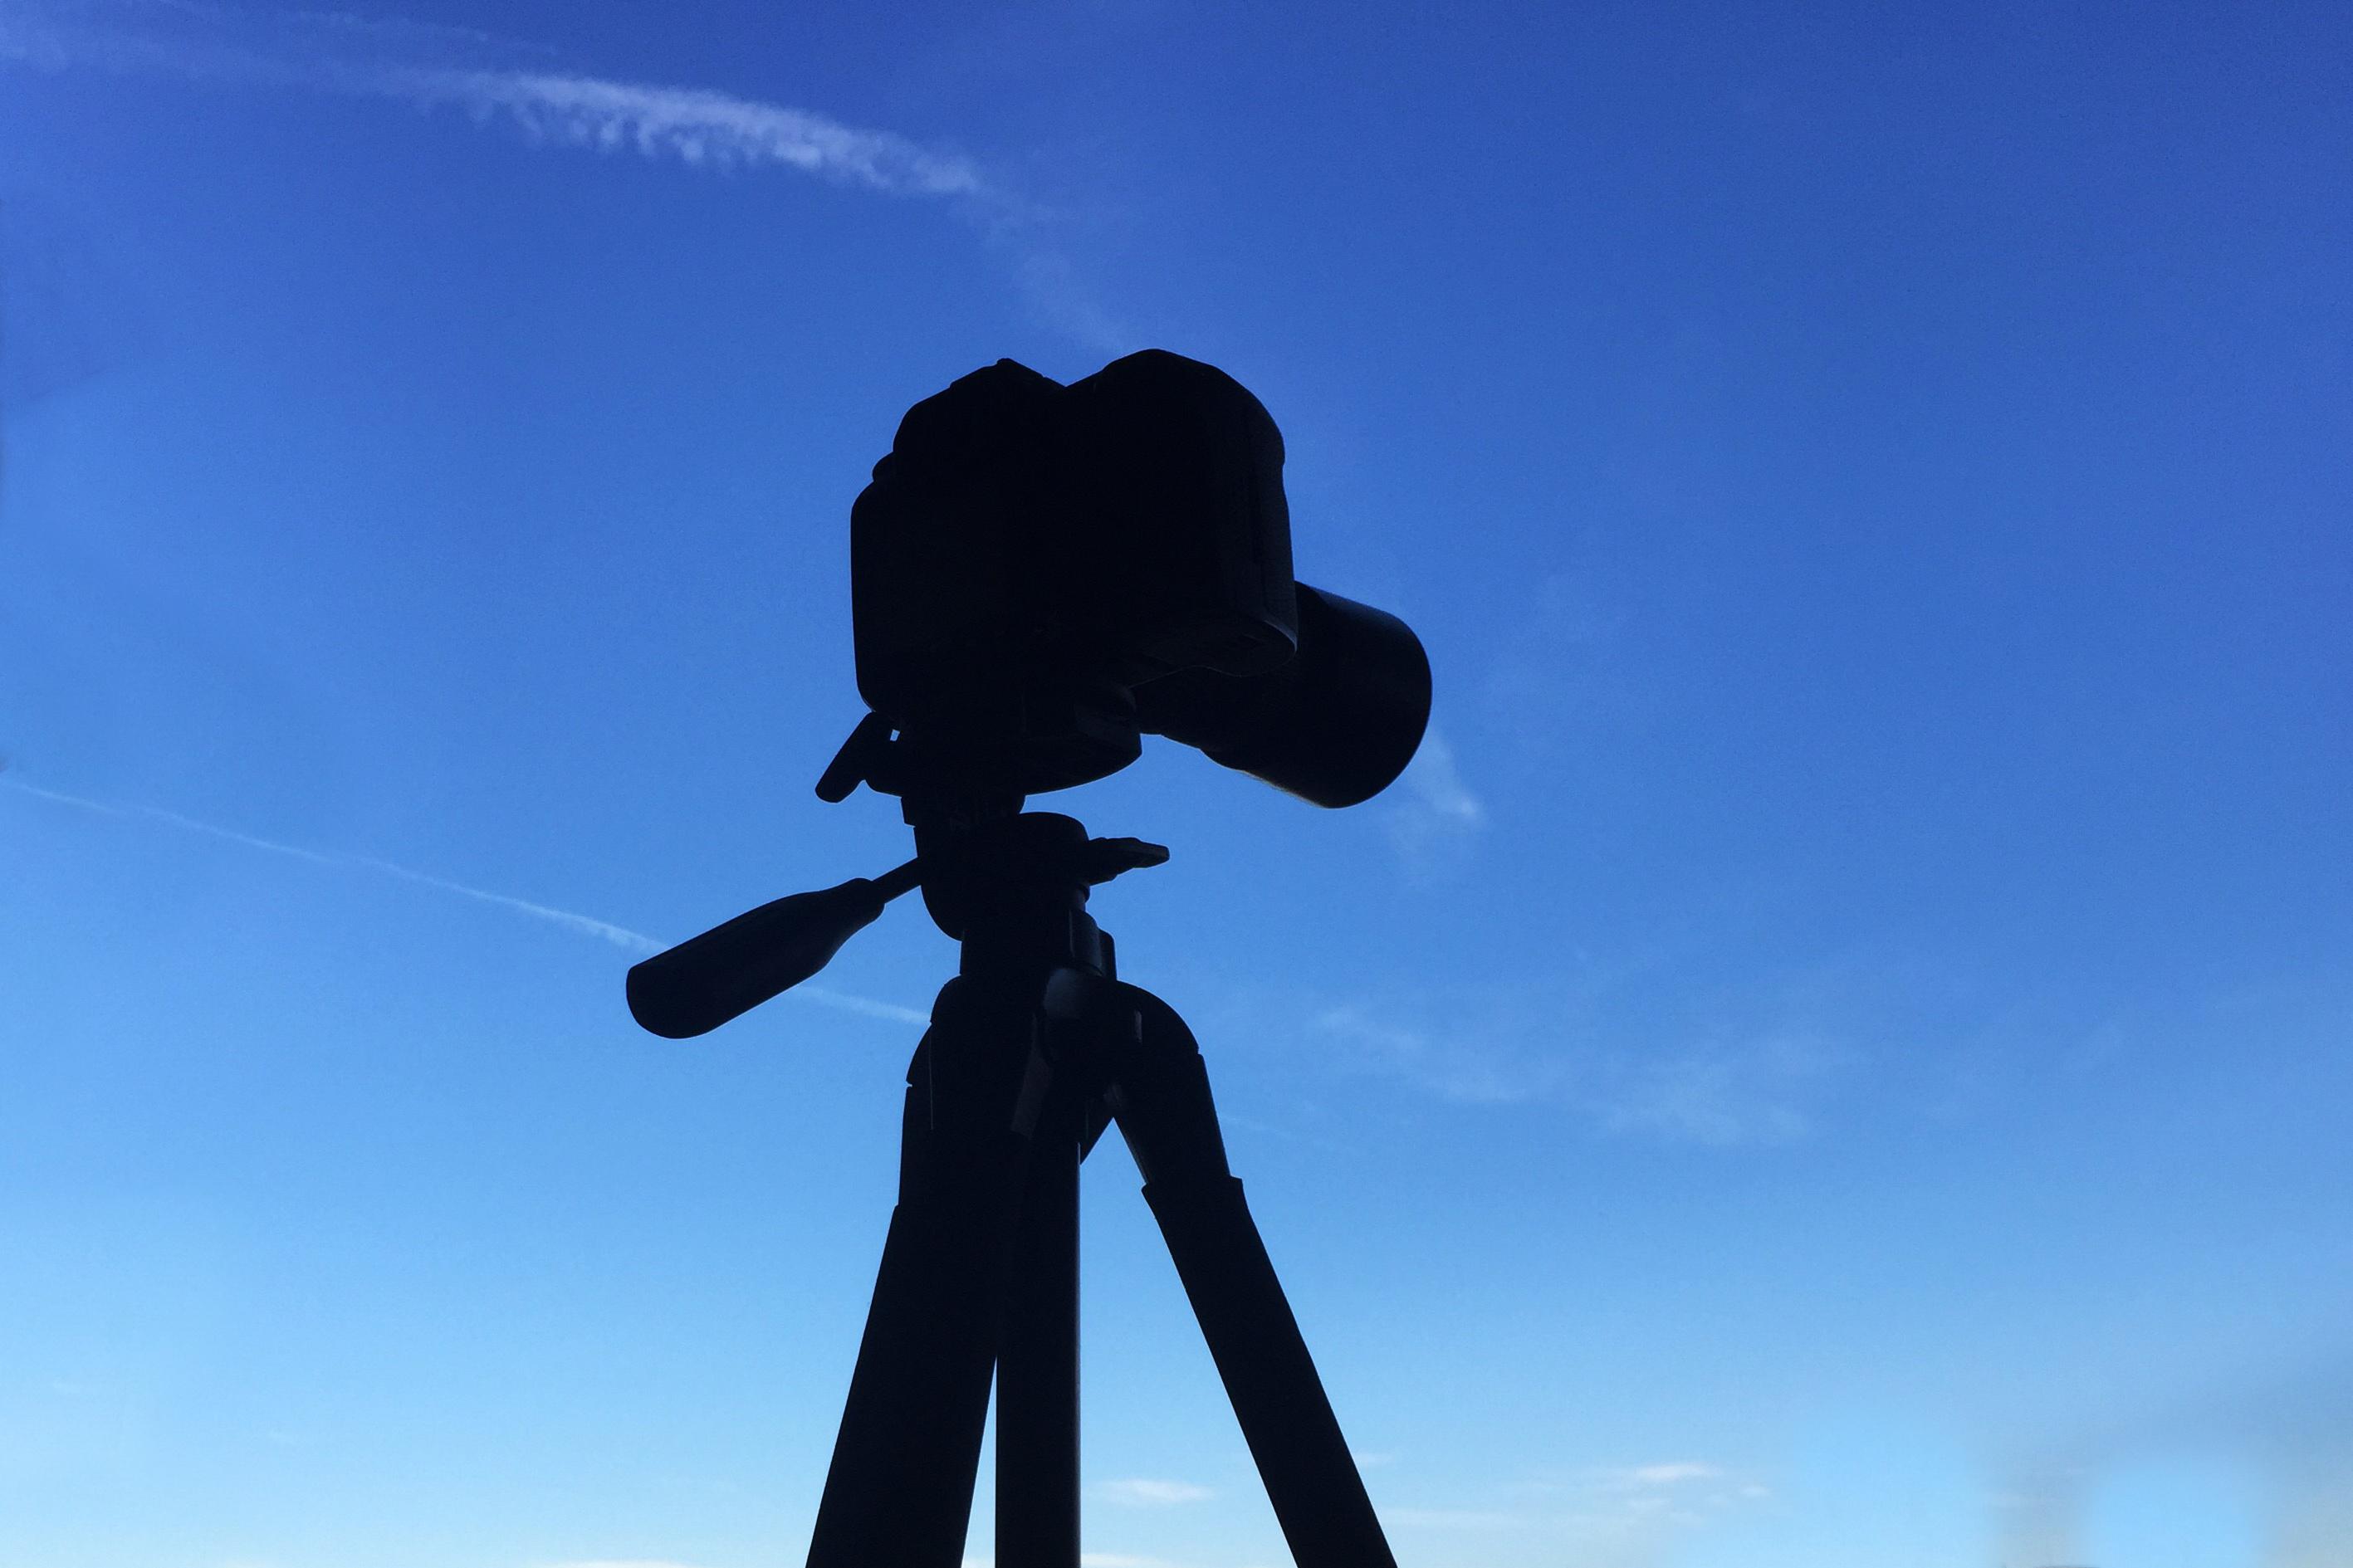 Tripod shadow with blue sky